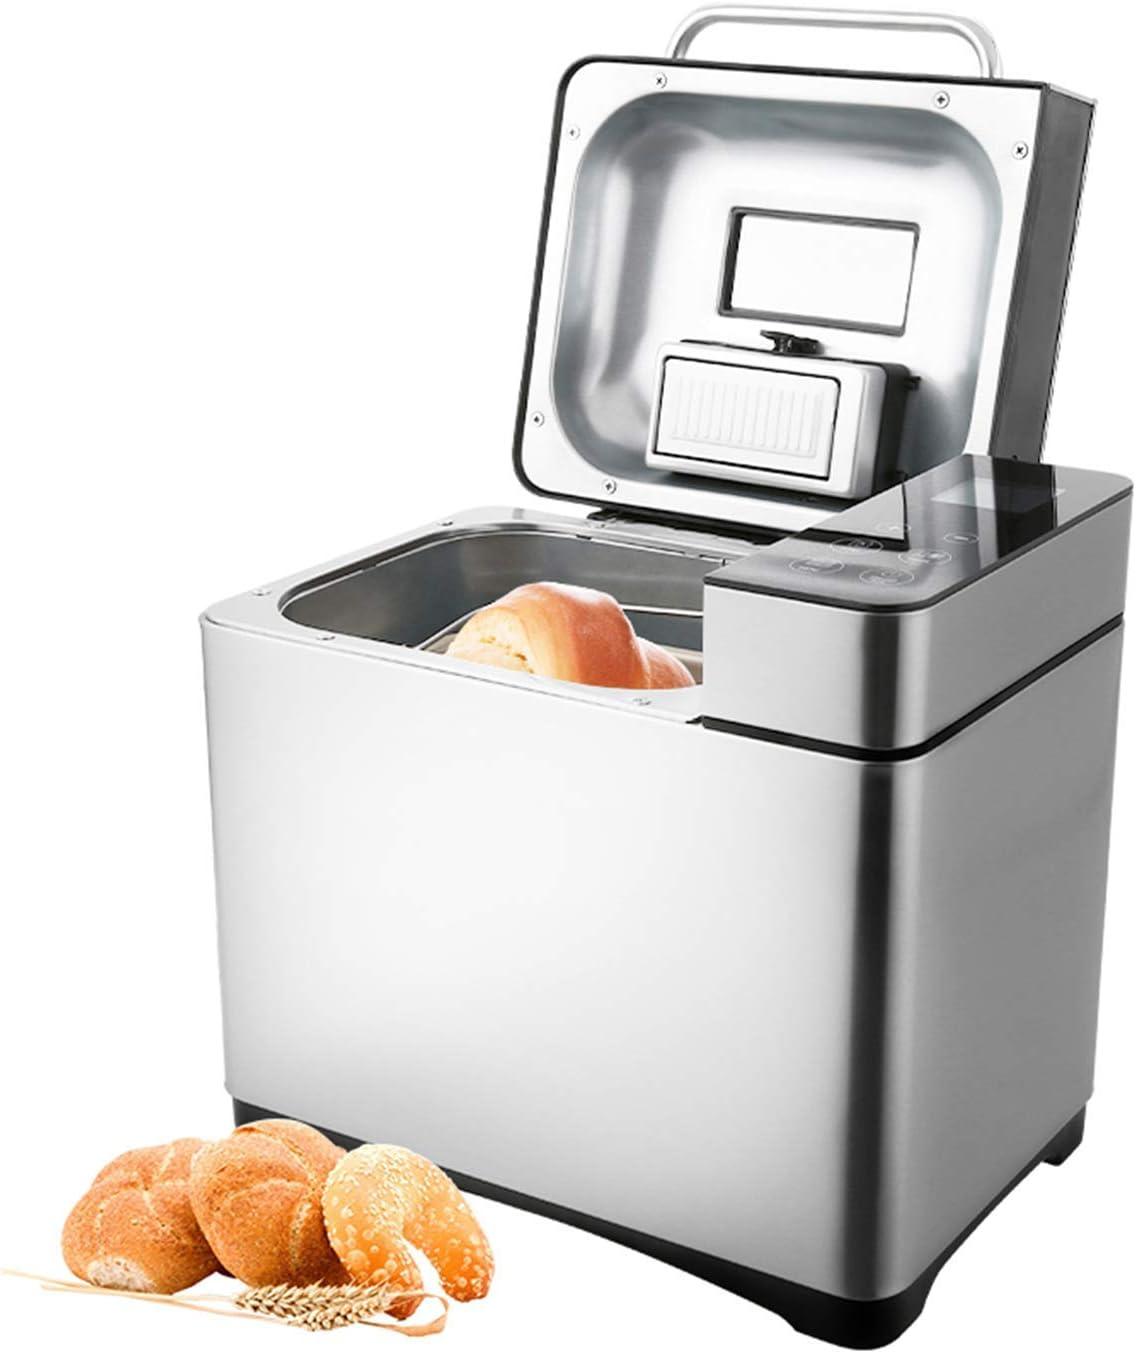 Coocheer - Panera con 19 programas de horneado, función de temporizador de 15 horas, panificadora con caja de ingredientes automática y pantalla LED, 710 W plata: Amazon.es: Hogar